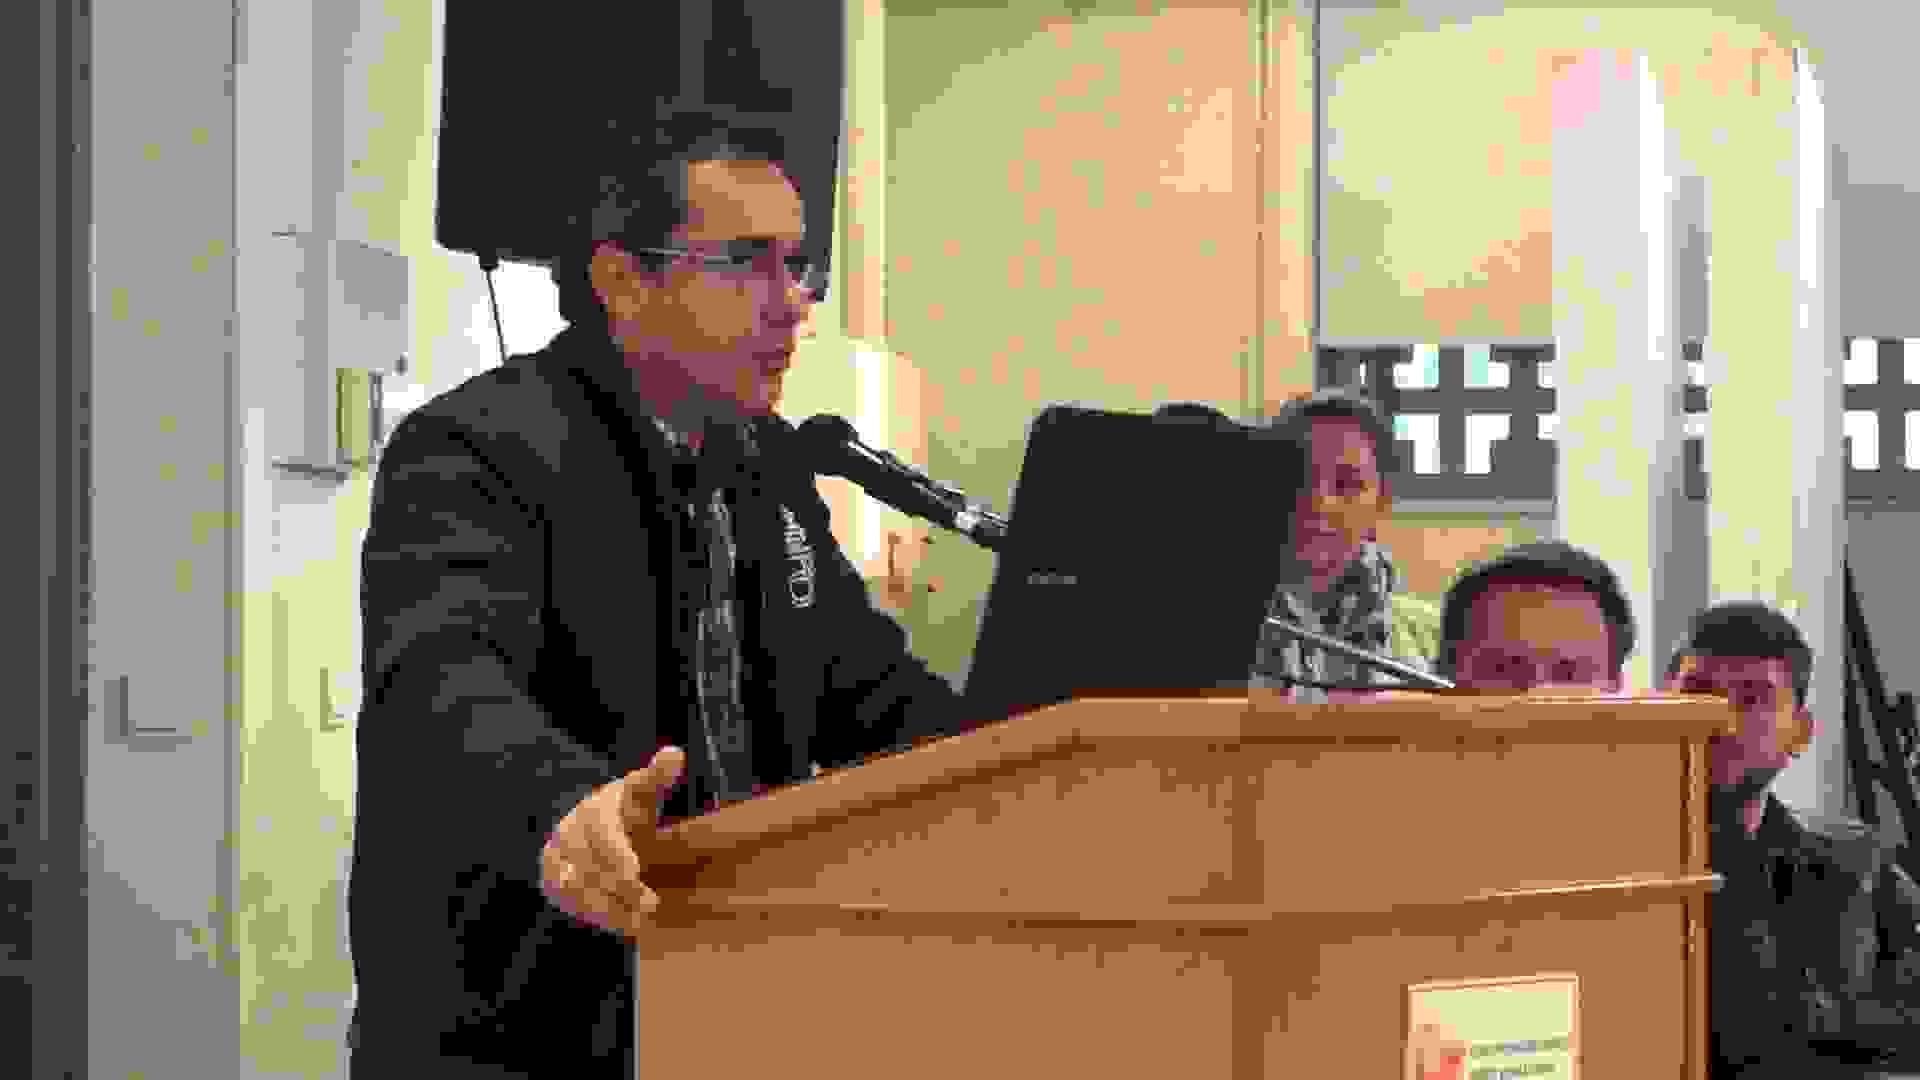 ΕΚΛΟΓΕΣ «ΚΡΑΝΗΣ»: ΠΡΩΤΟΣ Ο Ι. ΝΙΦΟΡΑΤΟΣ-ΠΟΙΟΙ ΕΚΛΕΓΟΝΤΑΙ